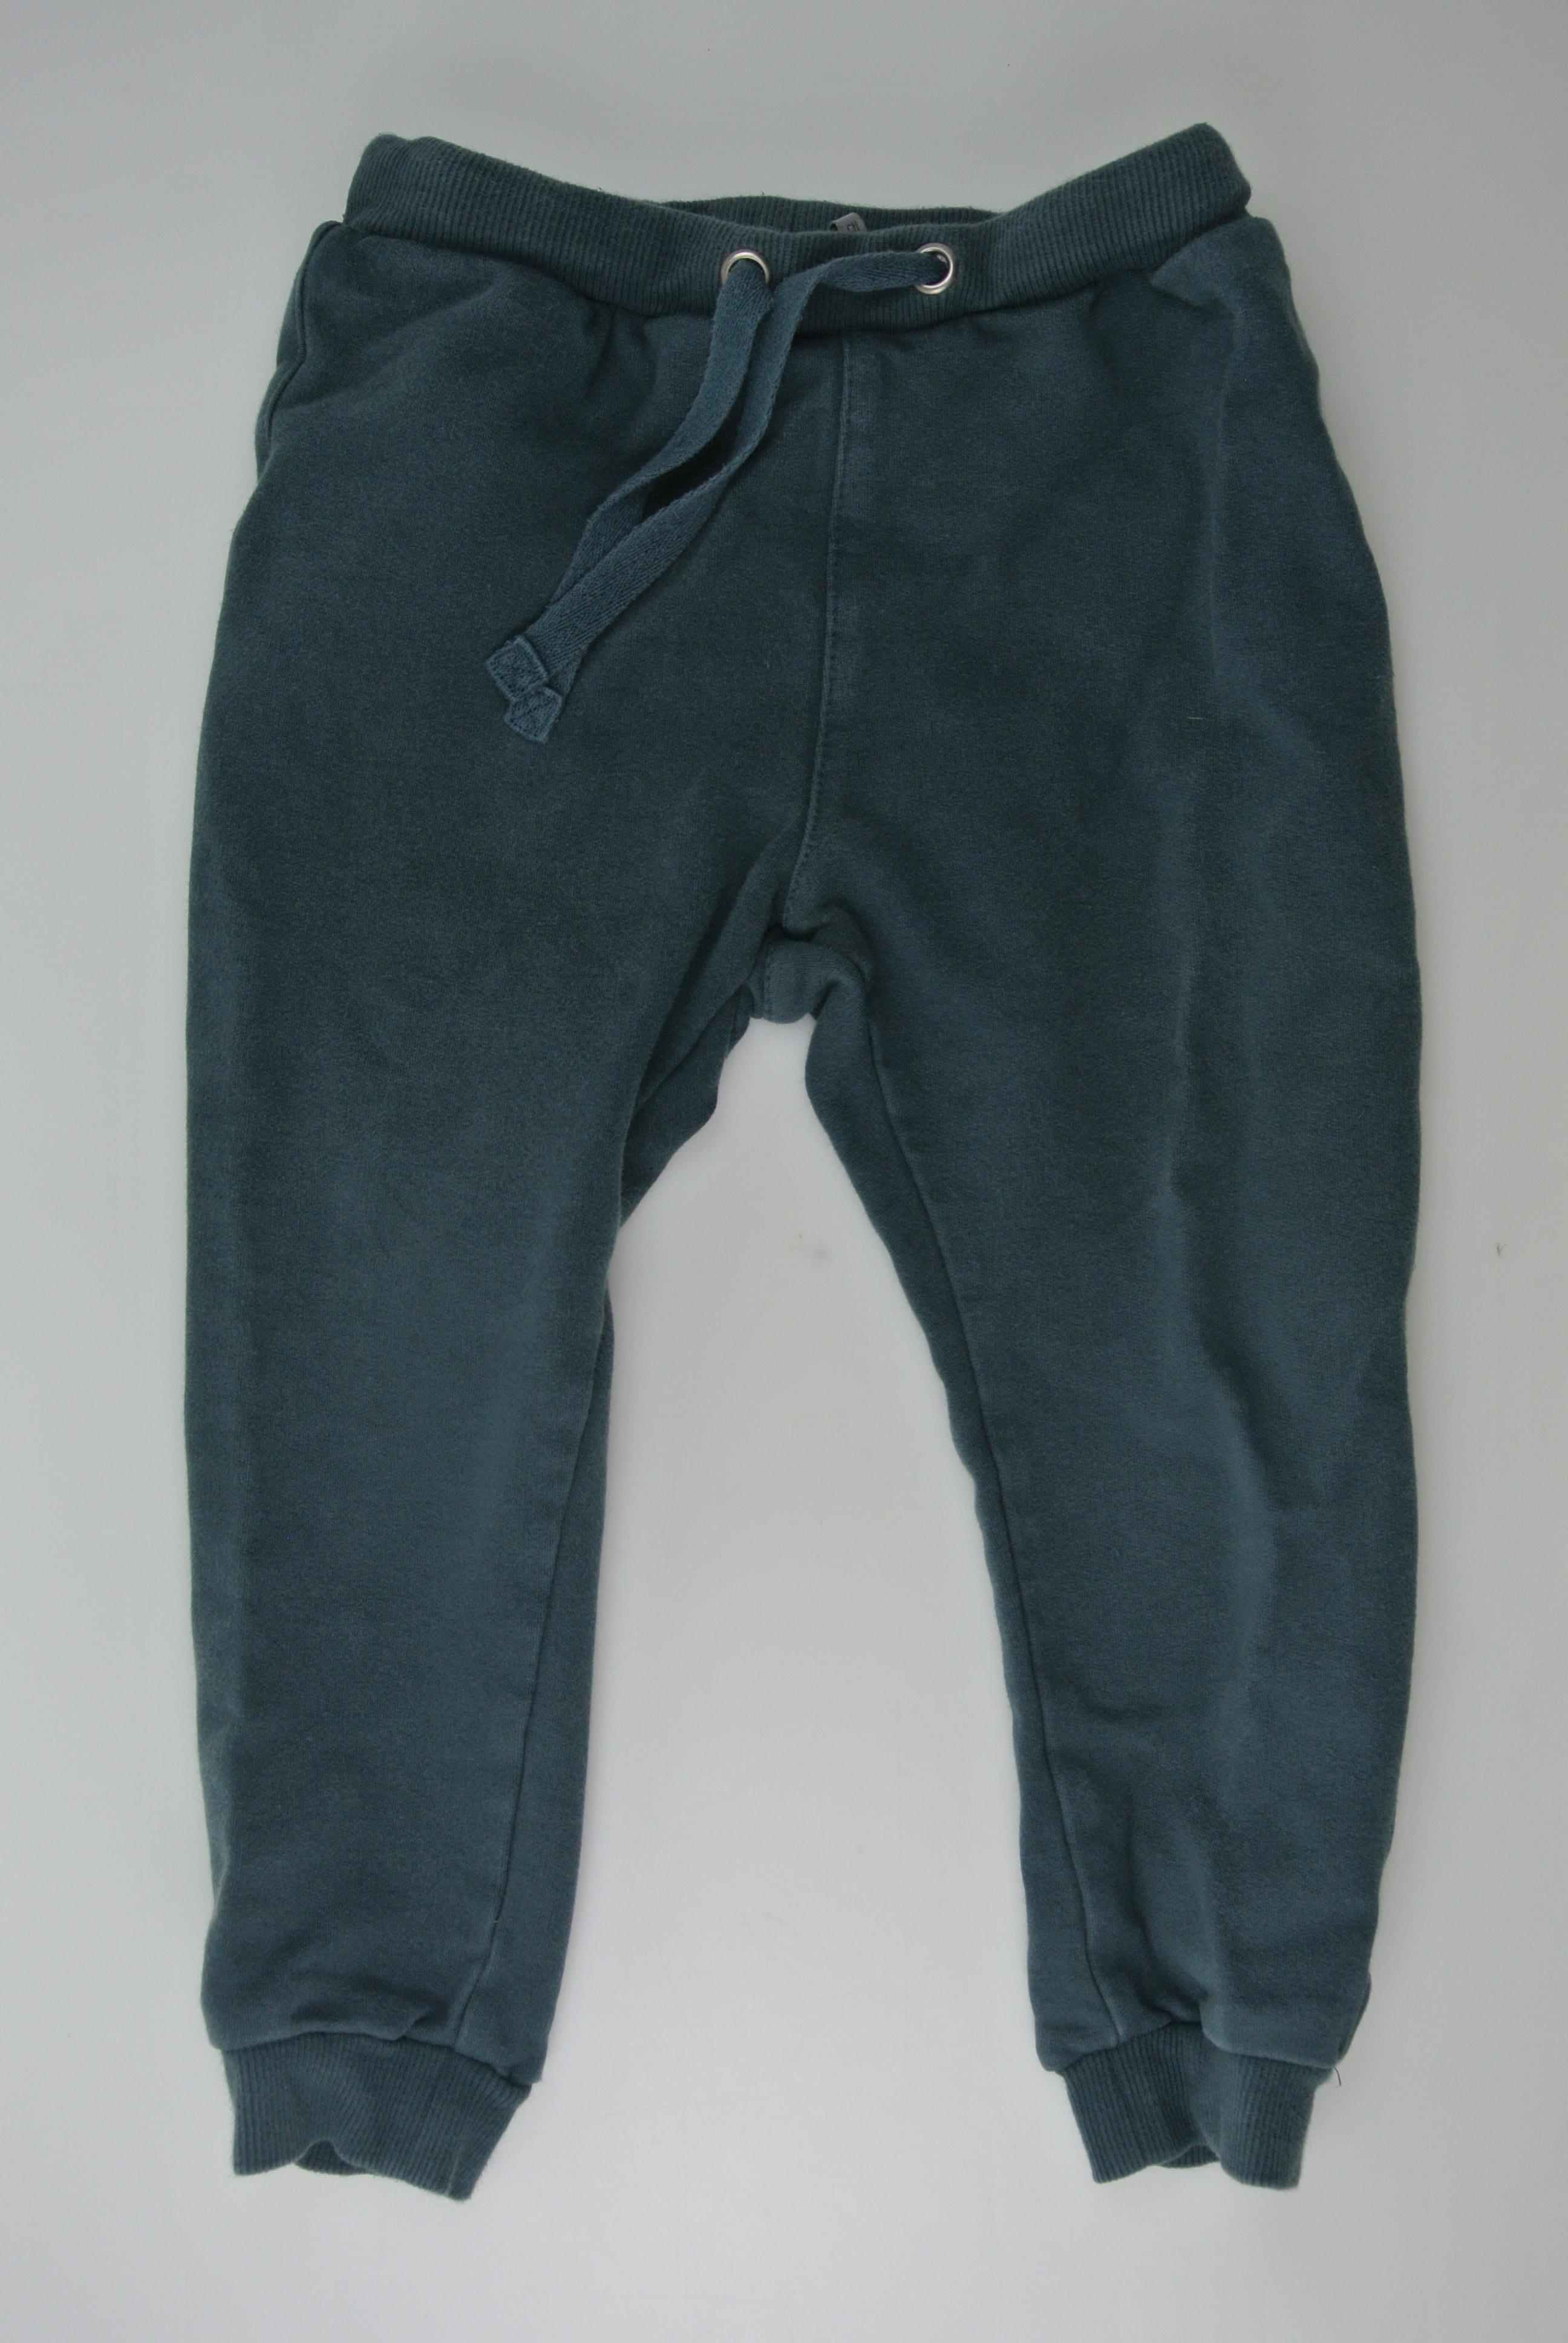 Wheat bukser str 92 dreng